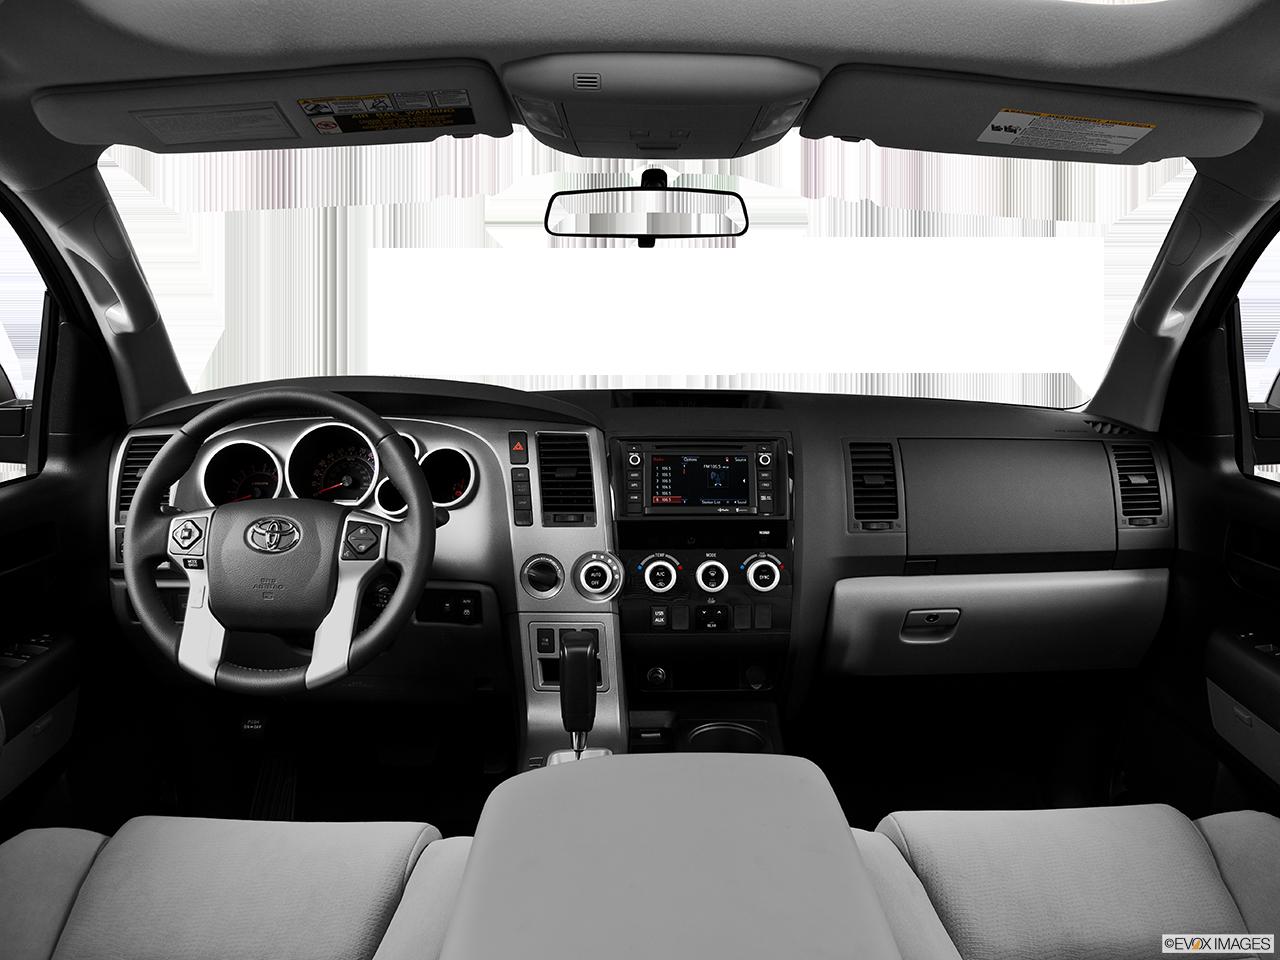 2015 Toyota Sequoia Interior Limbaugh Toyota Reviews Specials And Deals